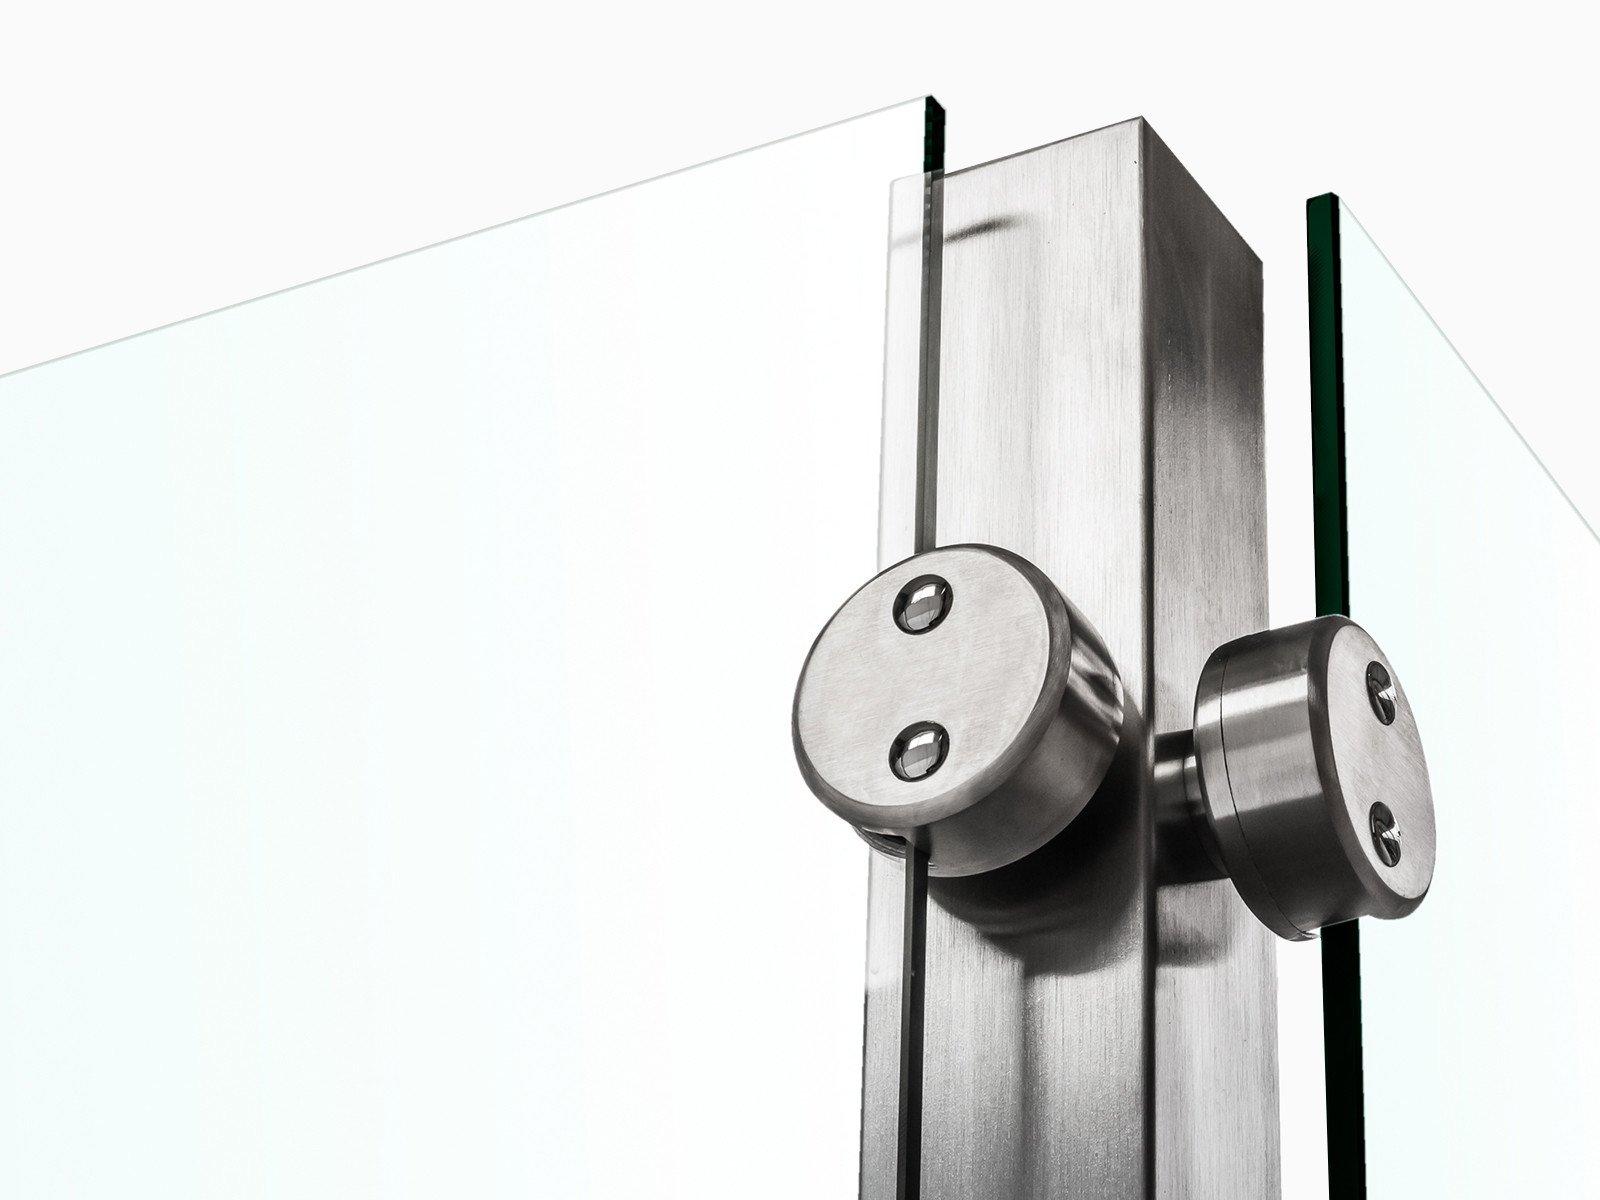 Pfostensystem Devitro mit Rückseitig befestigten Glasklemmen im runden Design